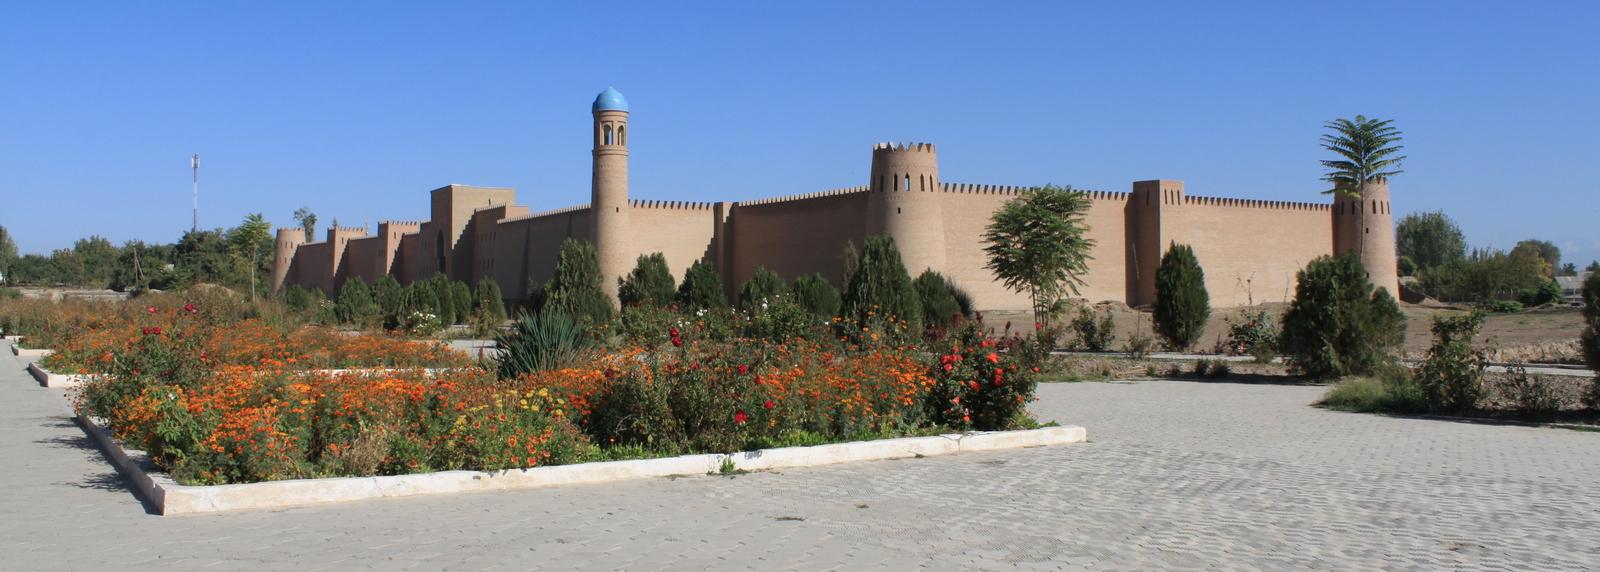 Fortress Hulbuk, Tadzjikistan